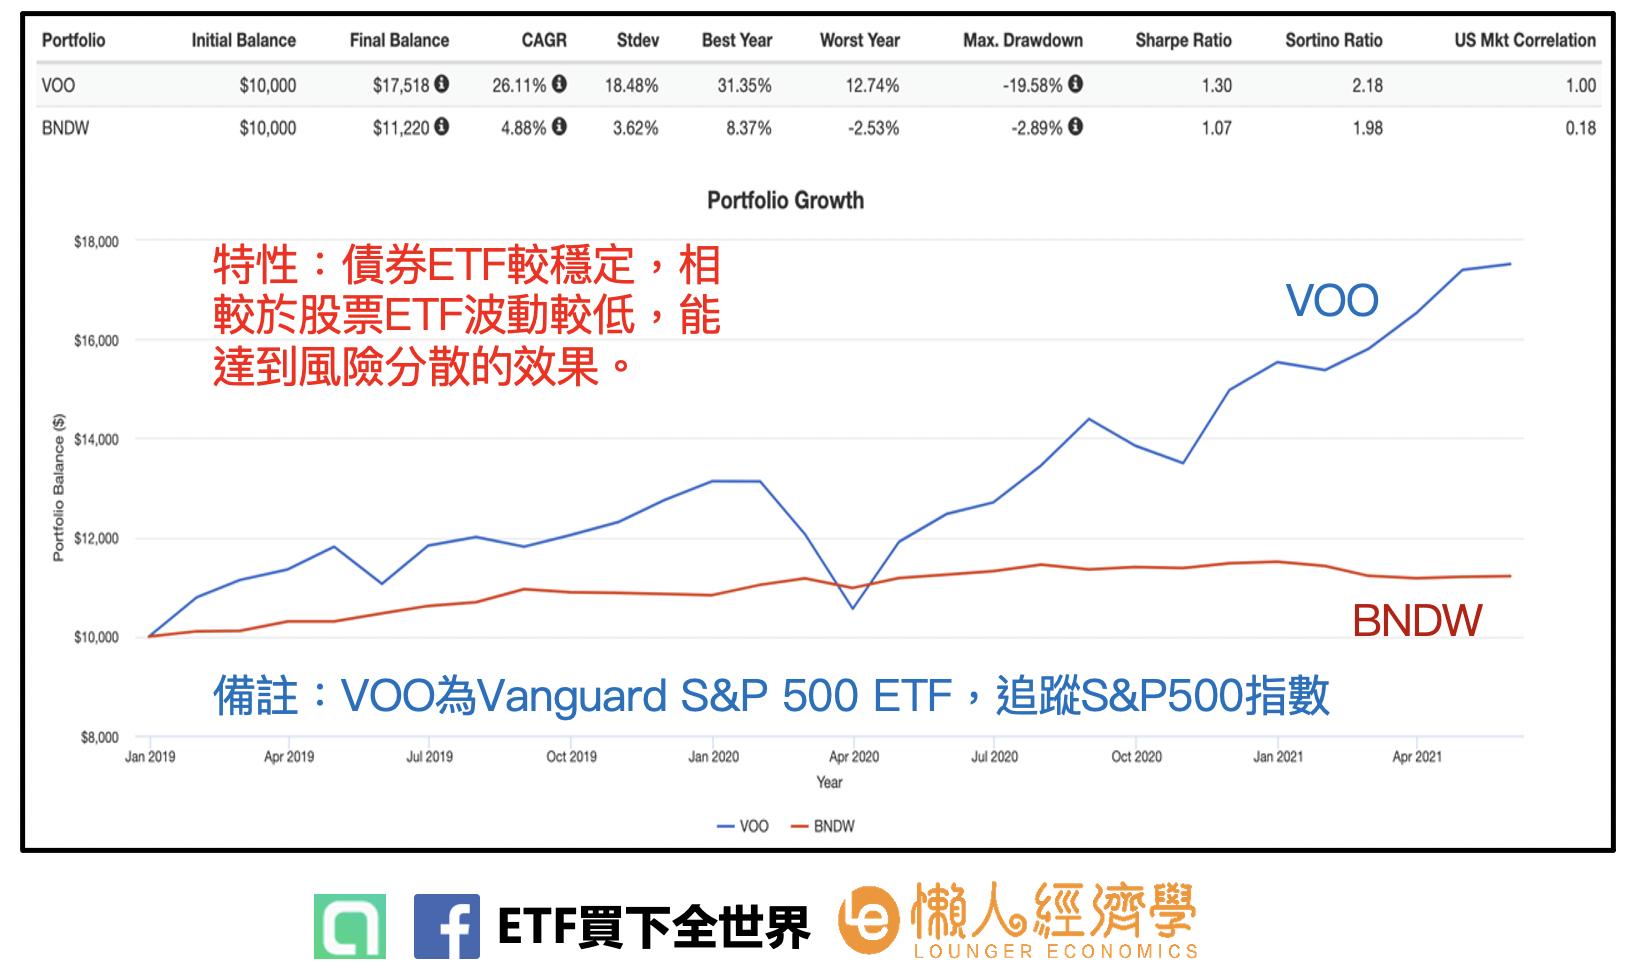 債券ETF較穩定,相較於股票ETF波動較低,能達到風險分散的效果